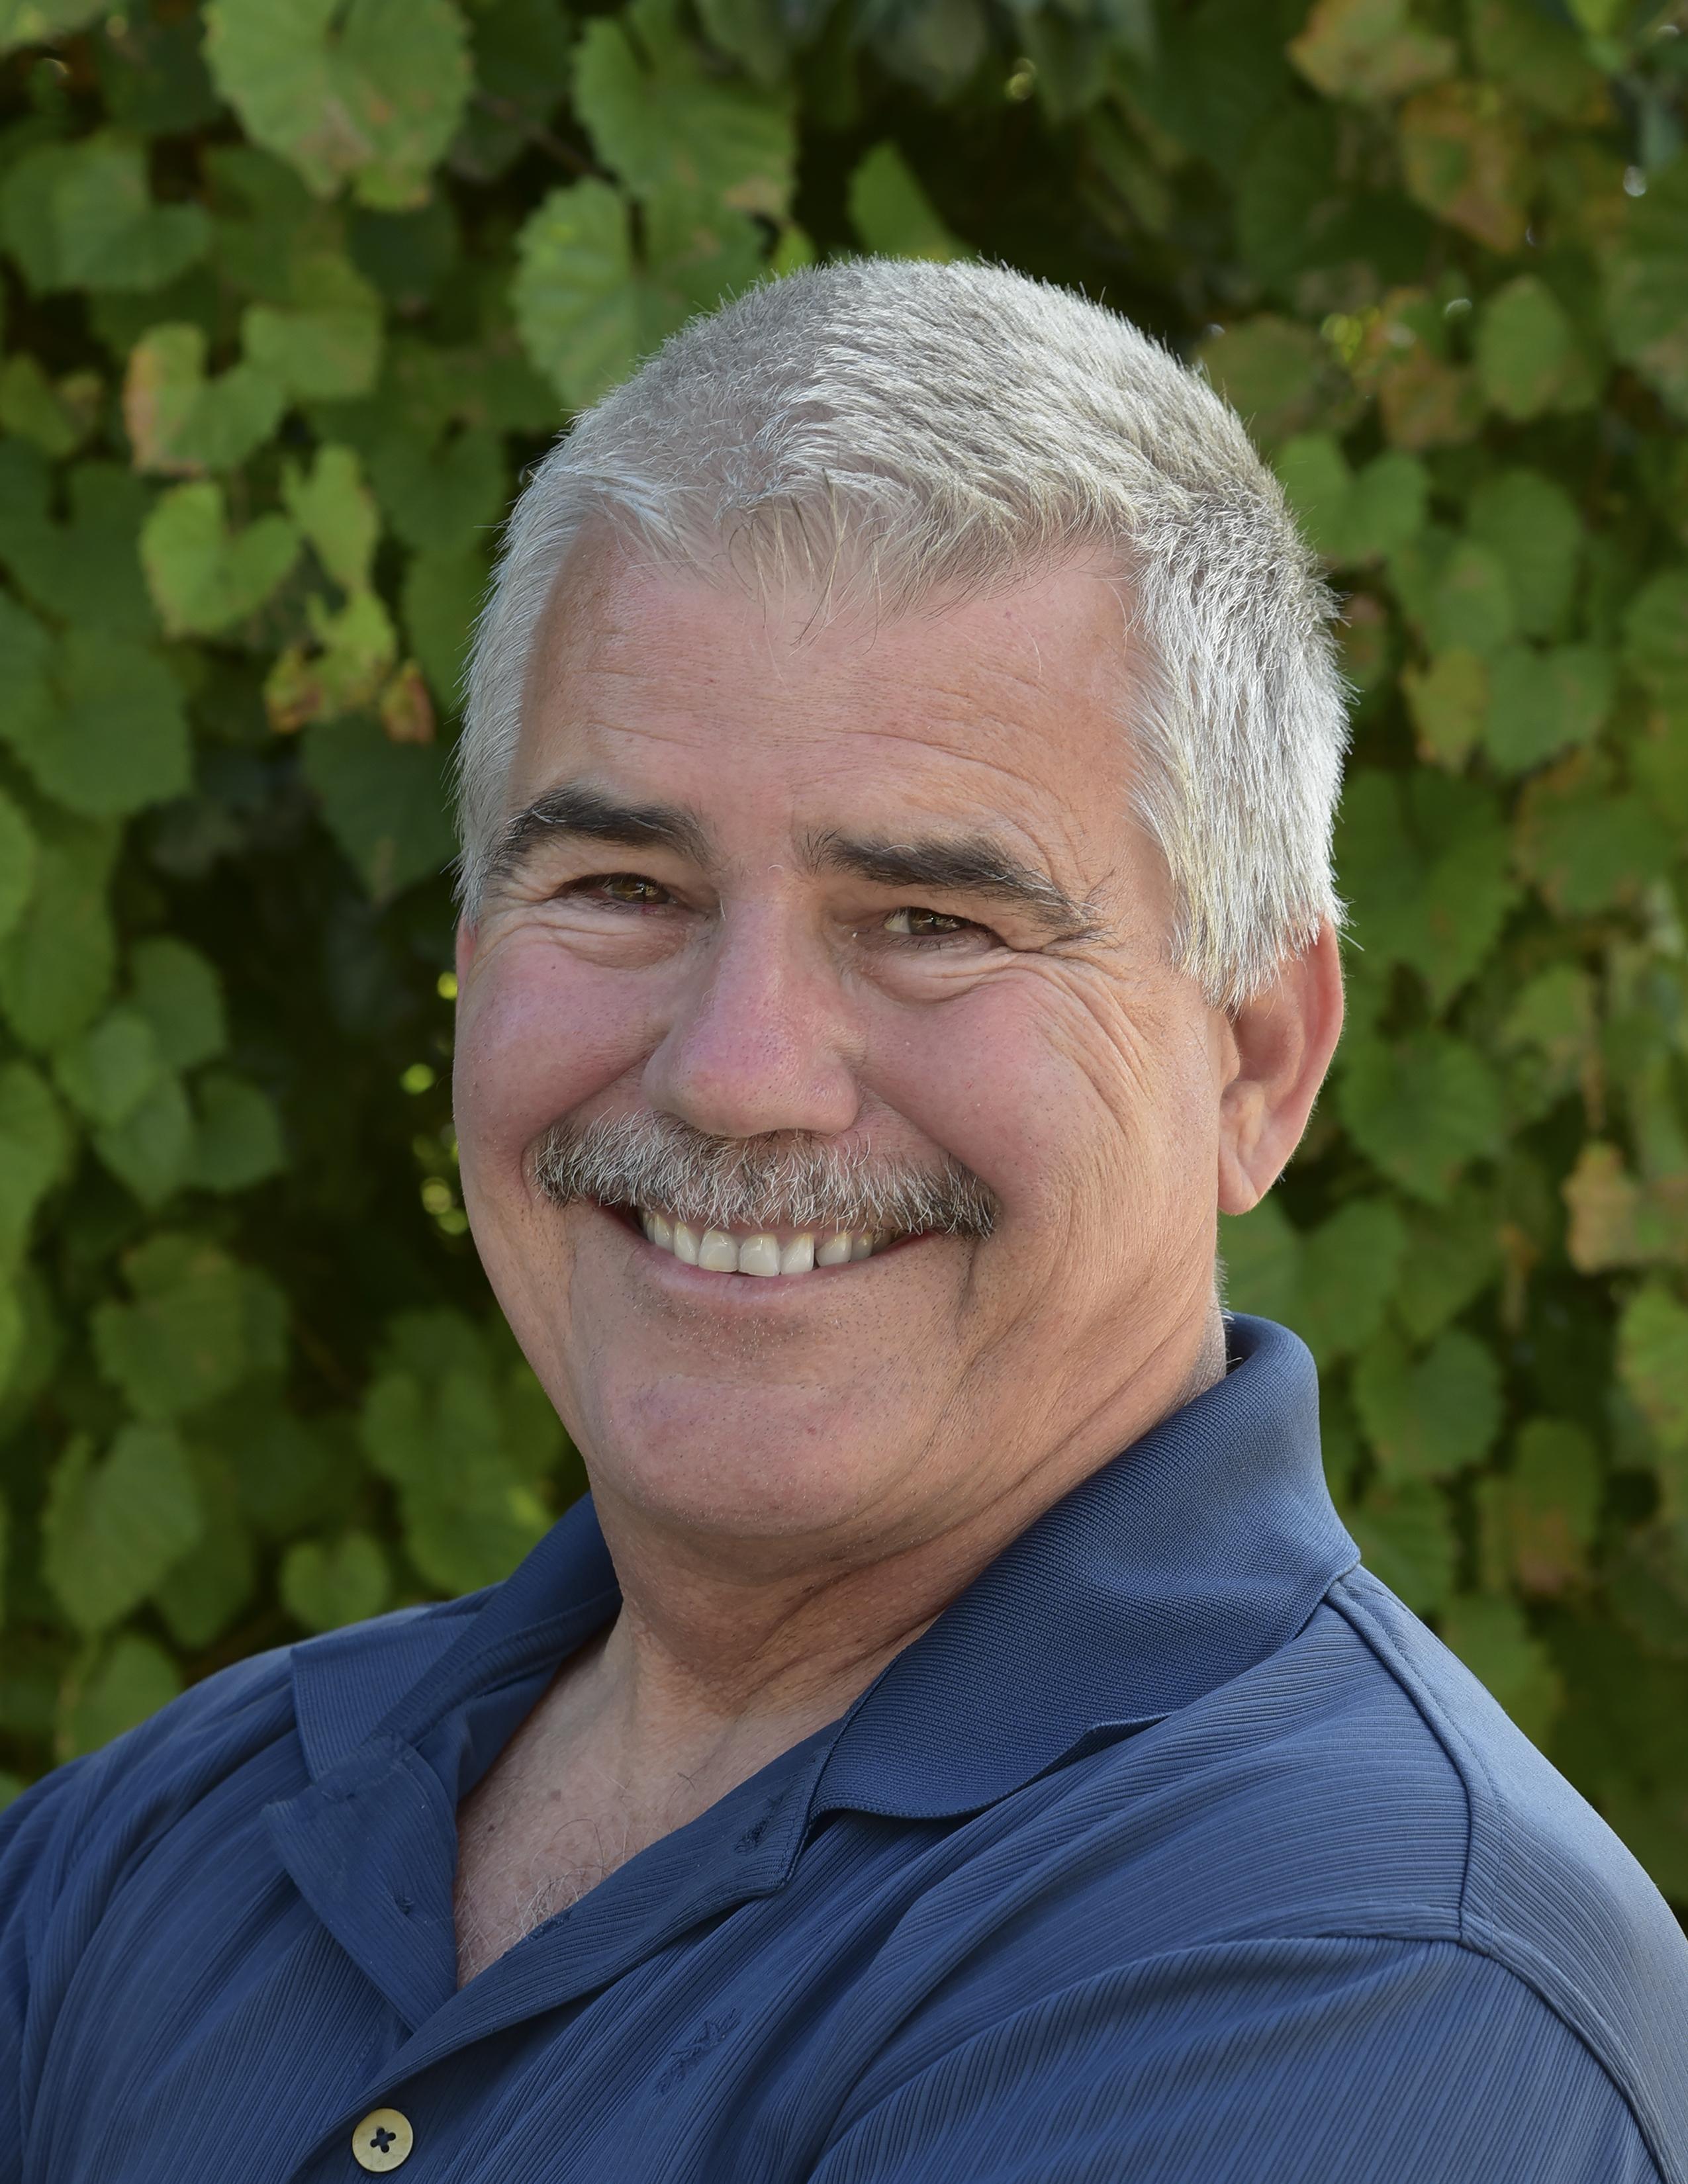 Bob Cardenas